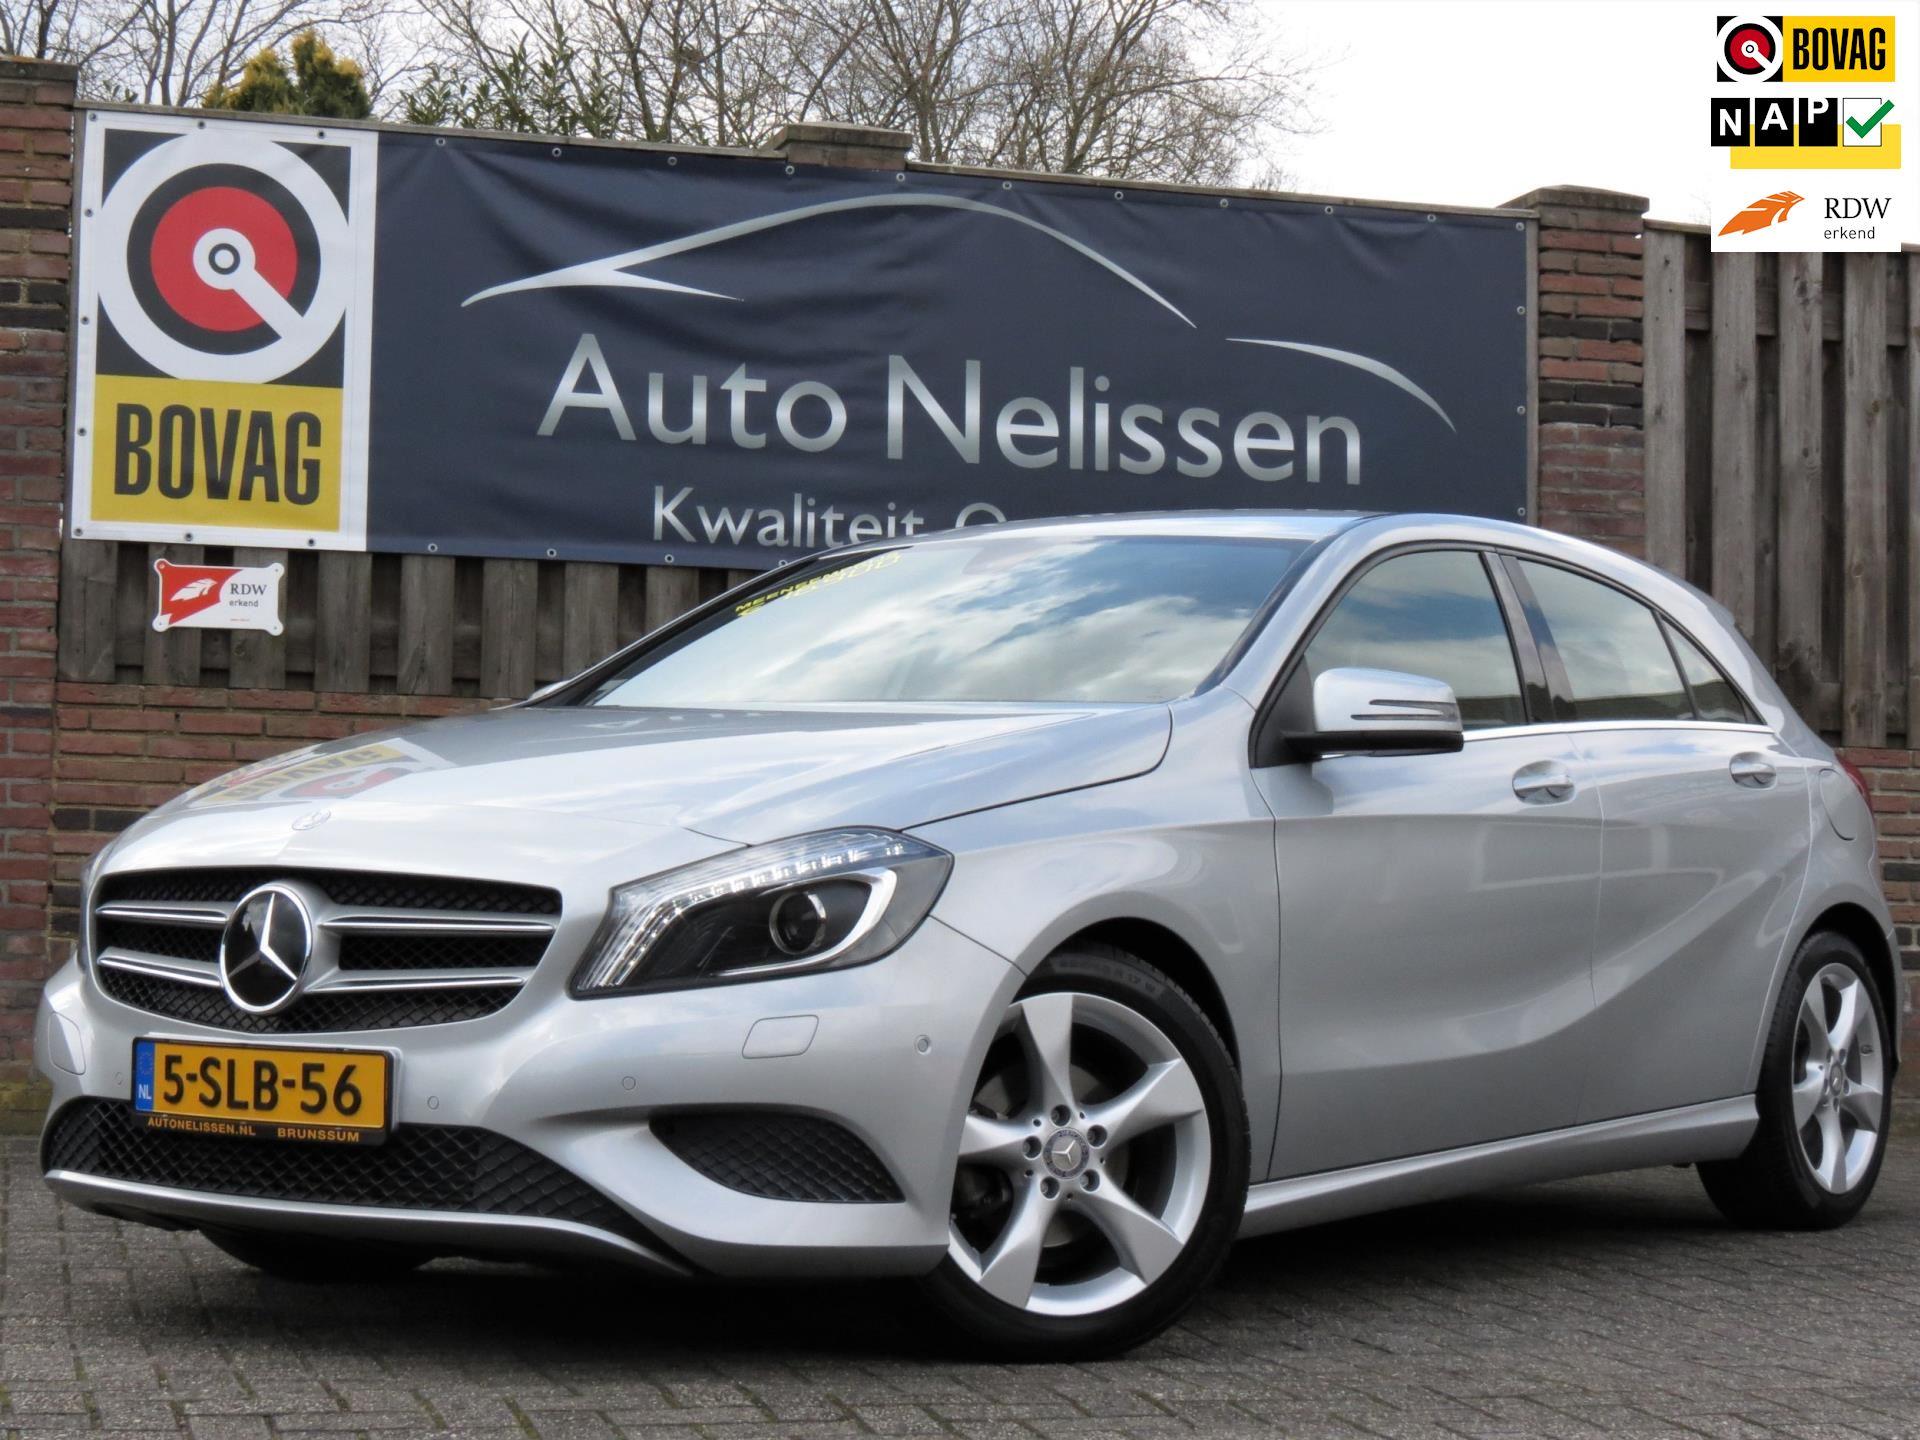 Mercedes-Benz A-klasse occasion - Auto Nelissen